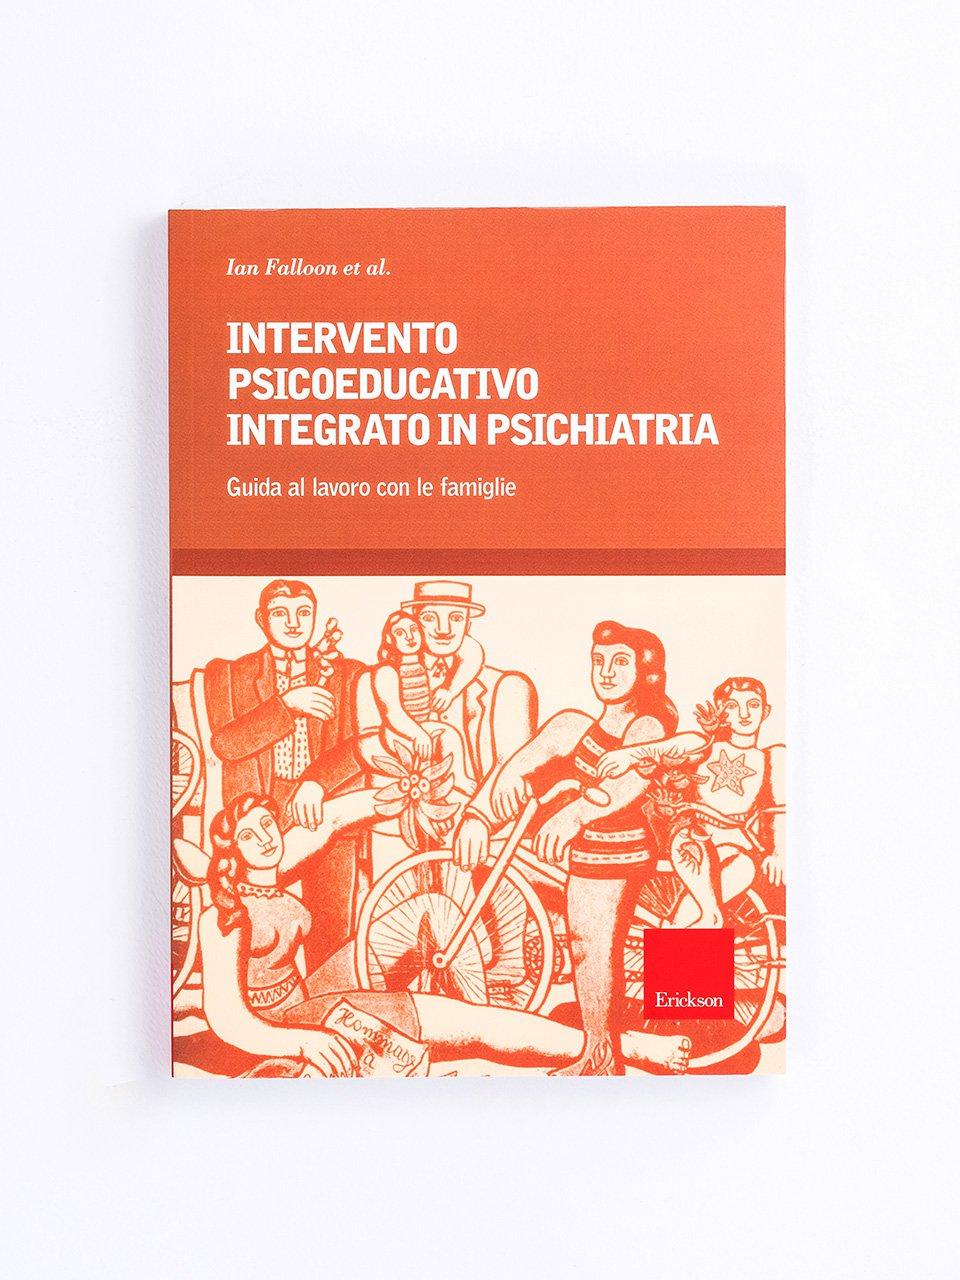 Intervento psicoeducativo integrato in psichiatria - Psicopatologia dell'età evolutiva - Erickson